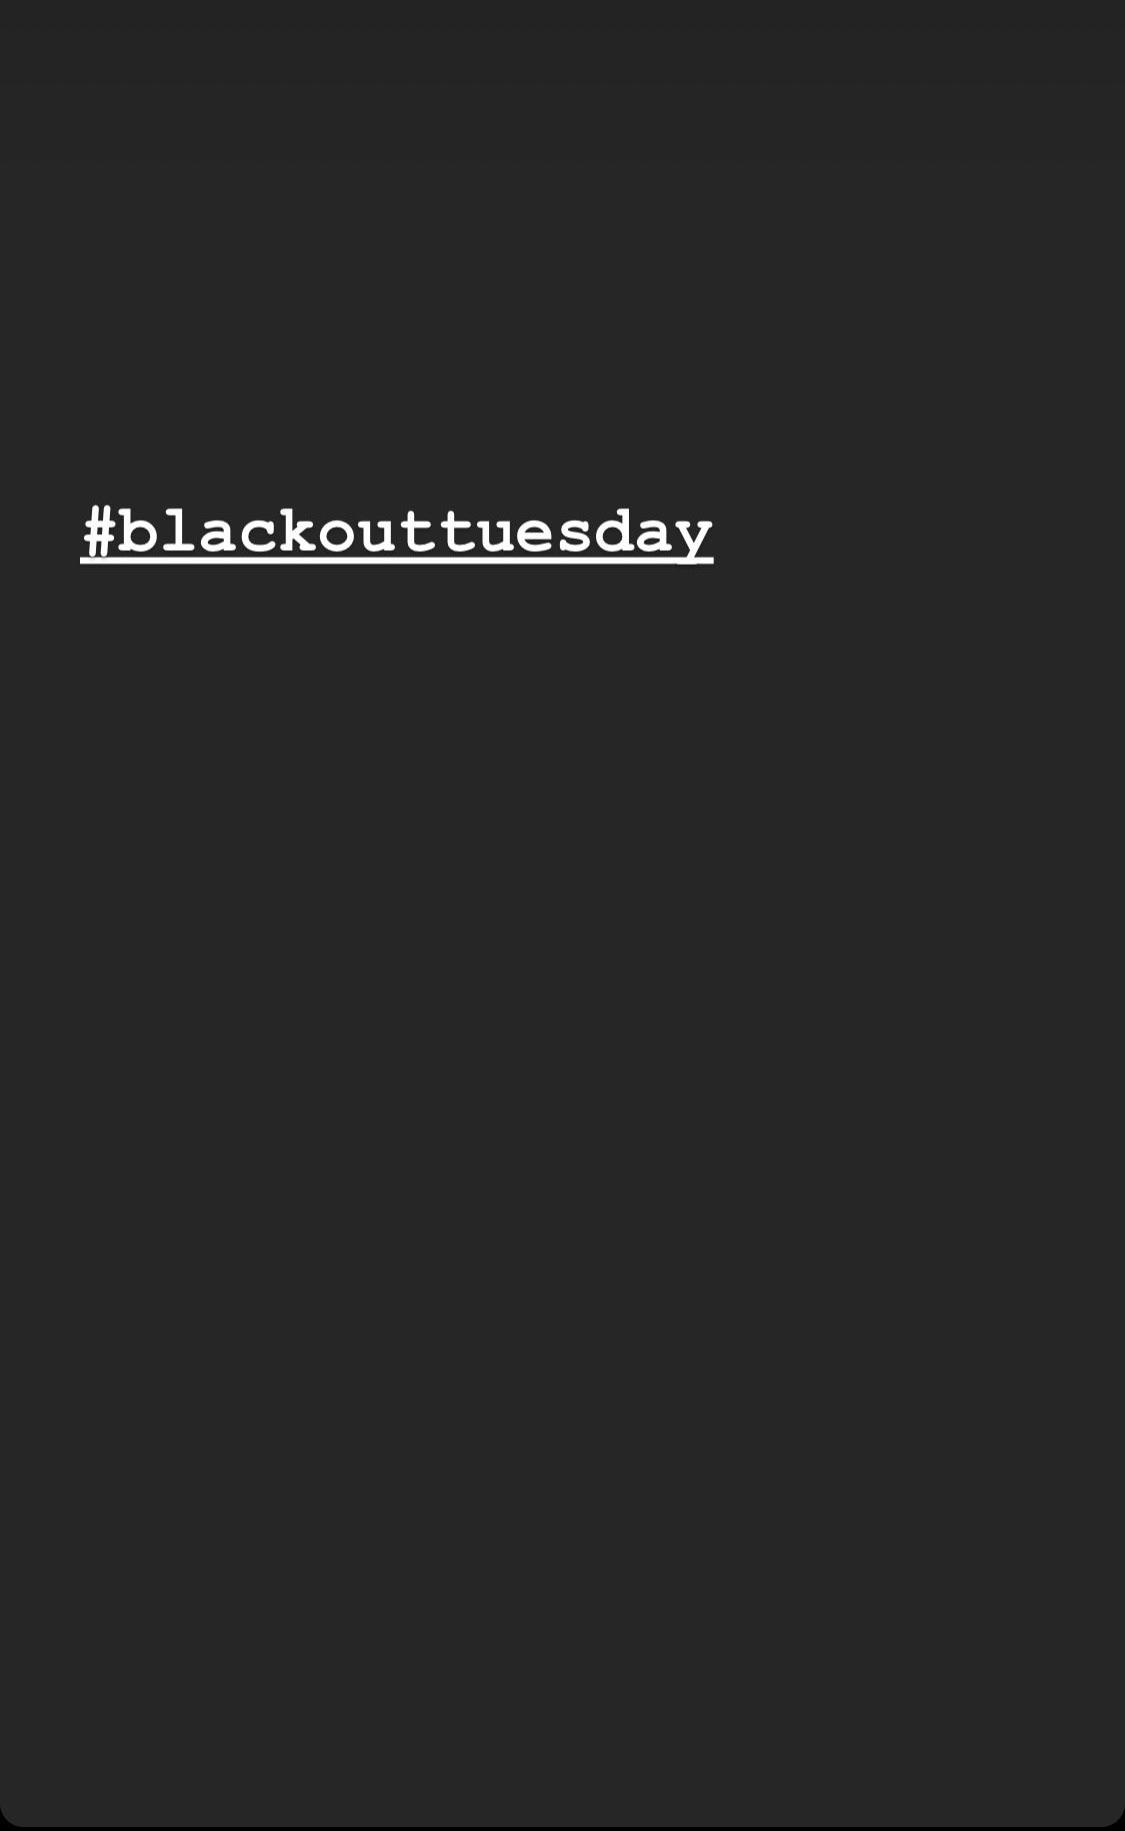 Black lives matter - blackouttuesday - hjcross_poetry | ello